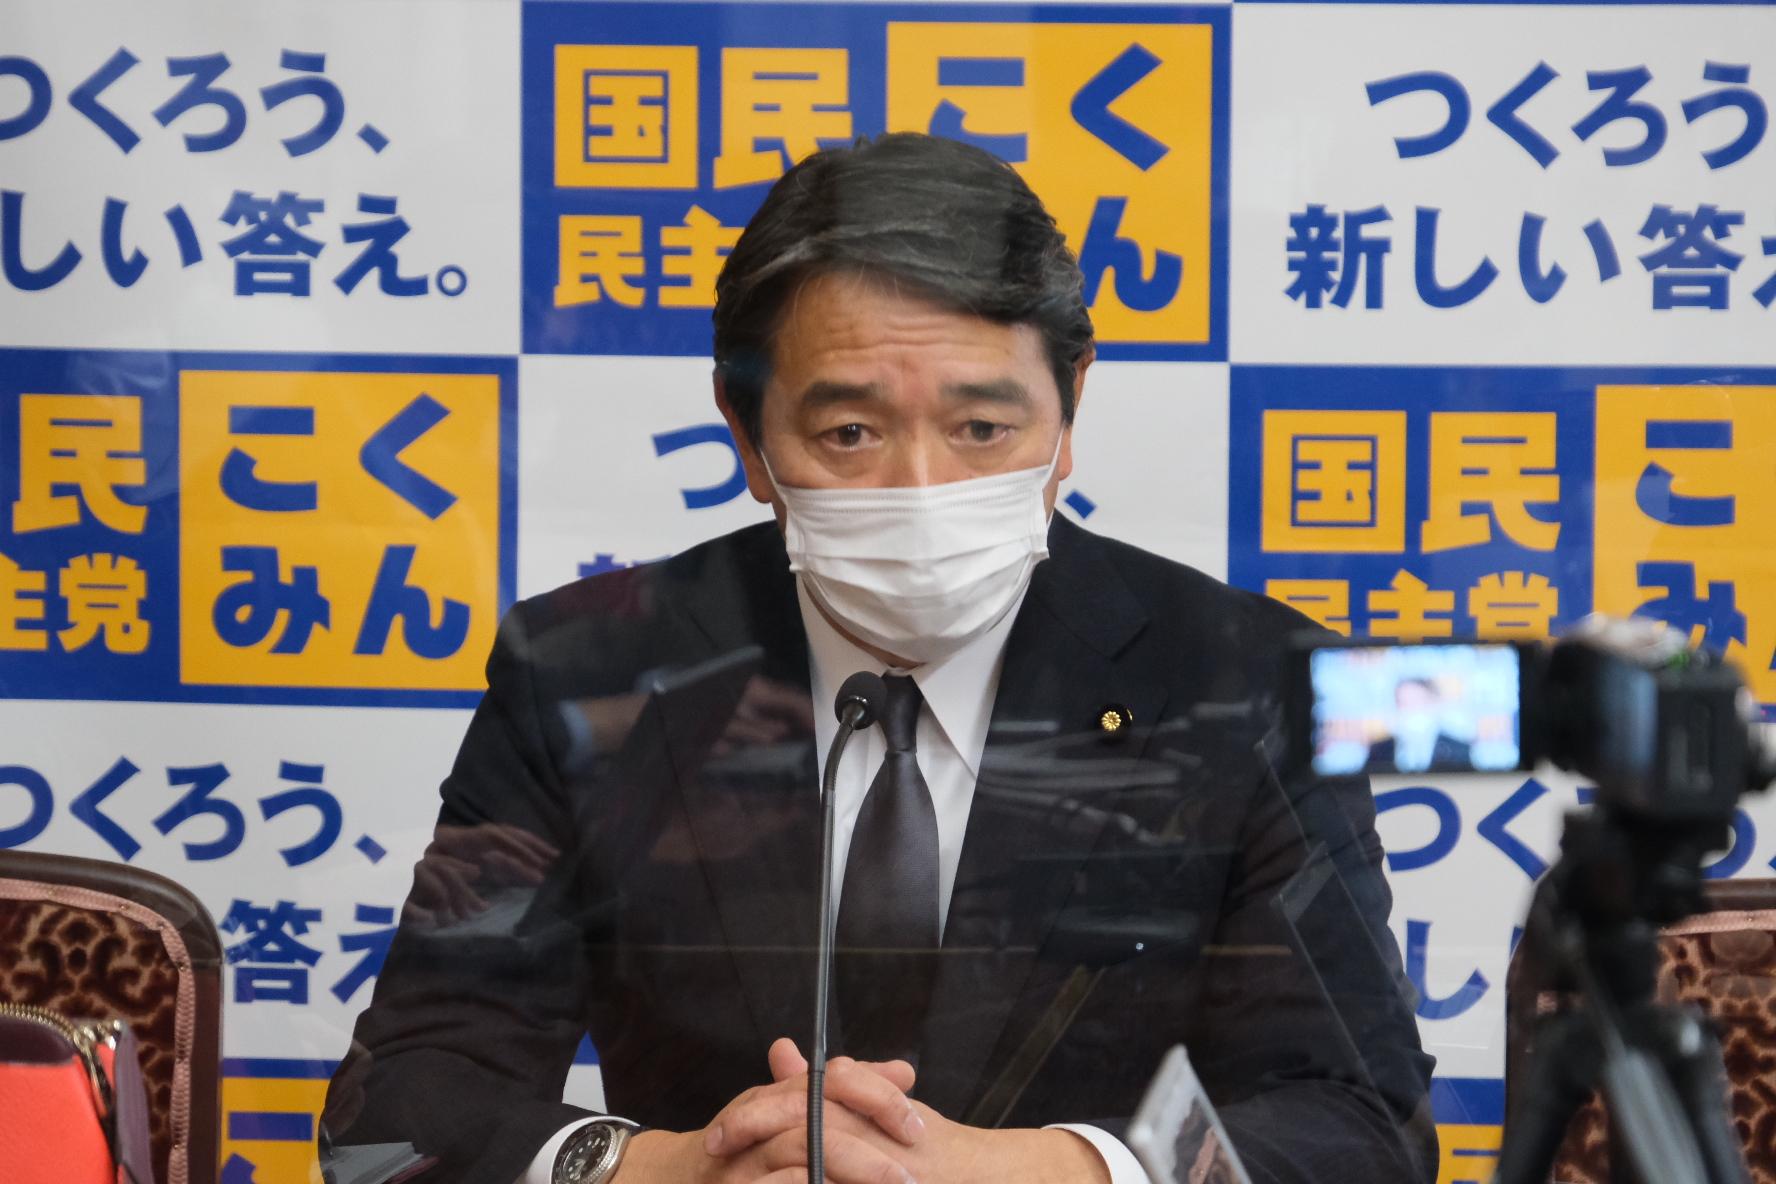 国民民主党 幹事長定例会見(2021年2月12日)